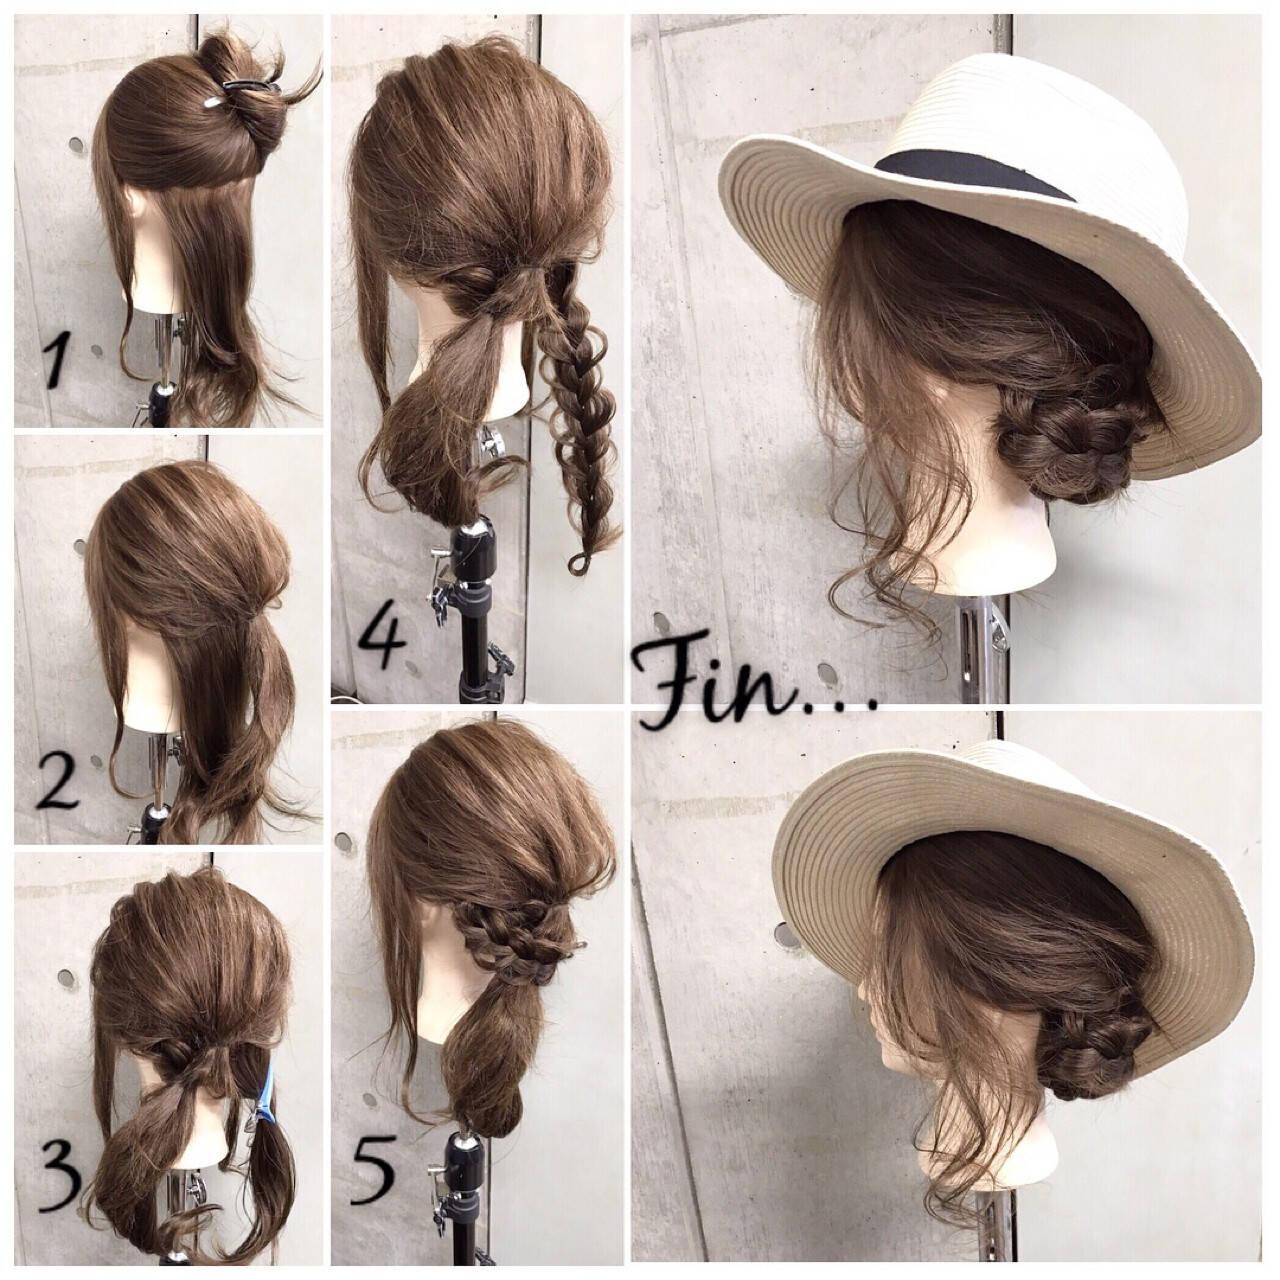 夏 涼しげ 色気 簡単ヘアアレンジヘアスタイルや髪型の写真・画像